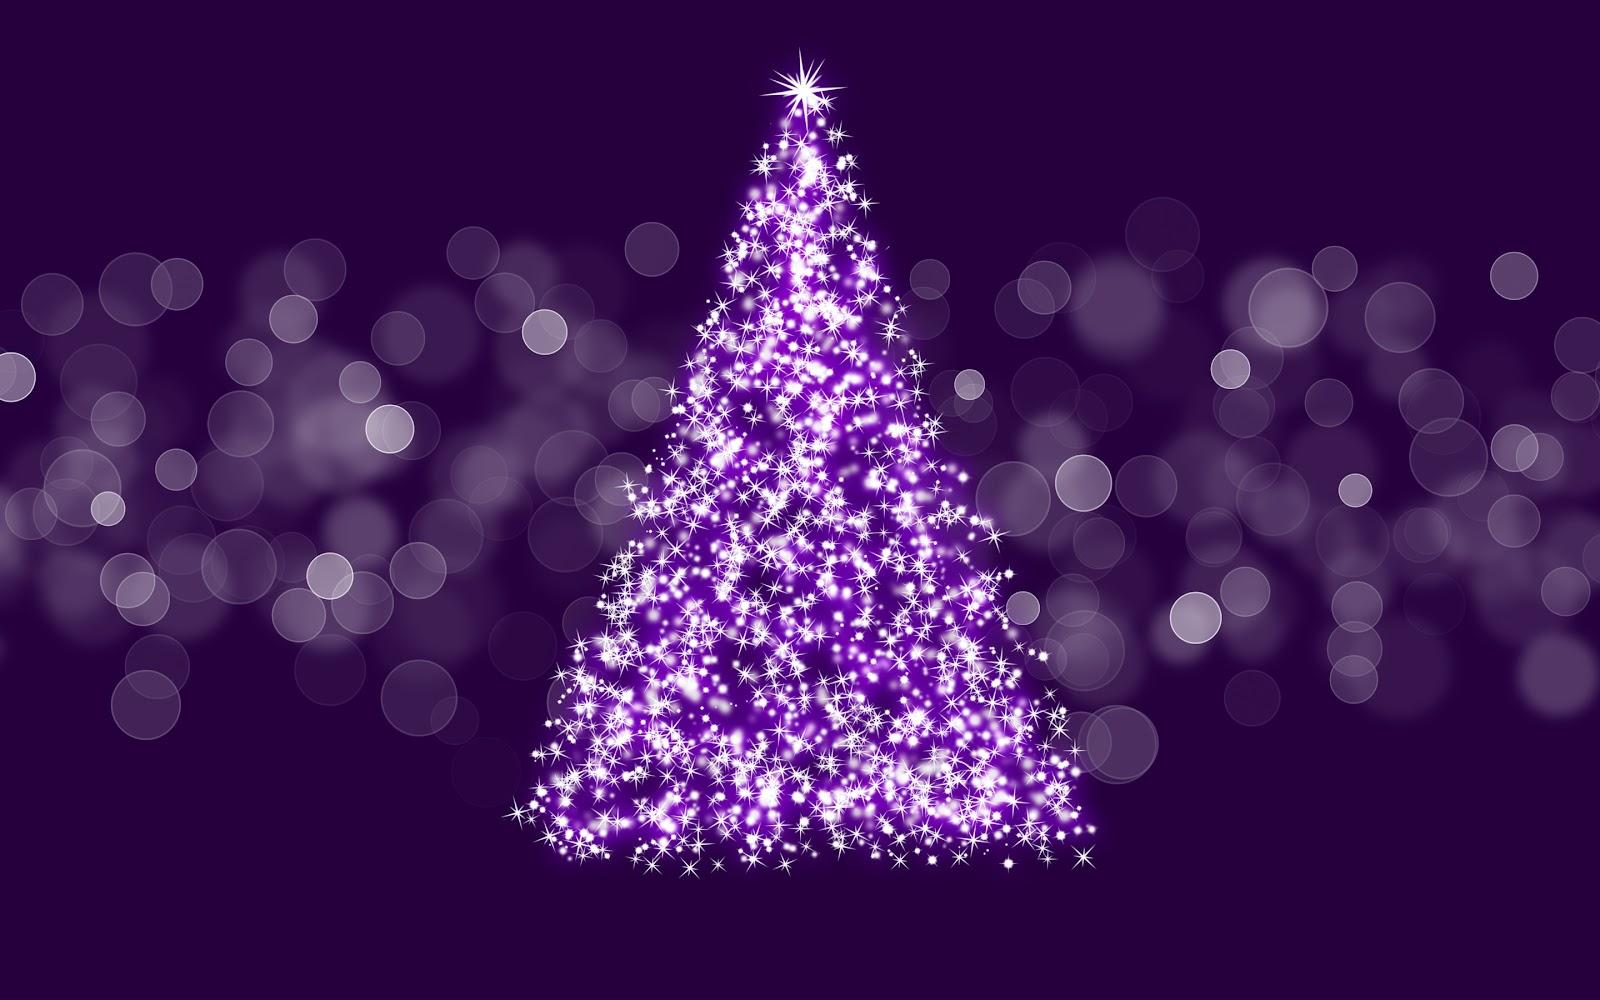 Koleksi Gambar Pohon Natal Kartun Hitam Putih